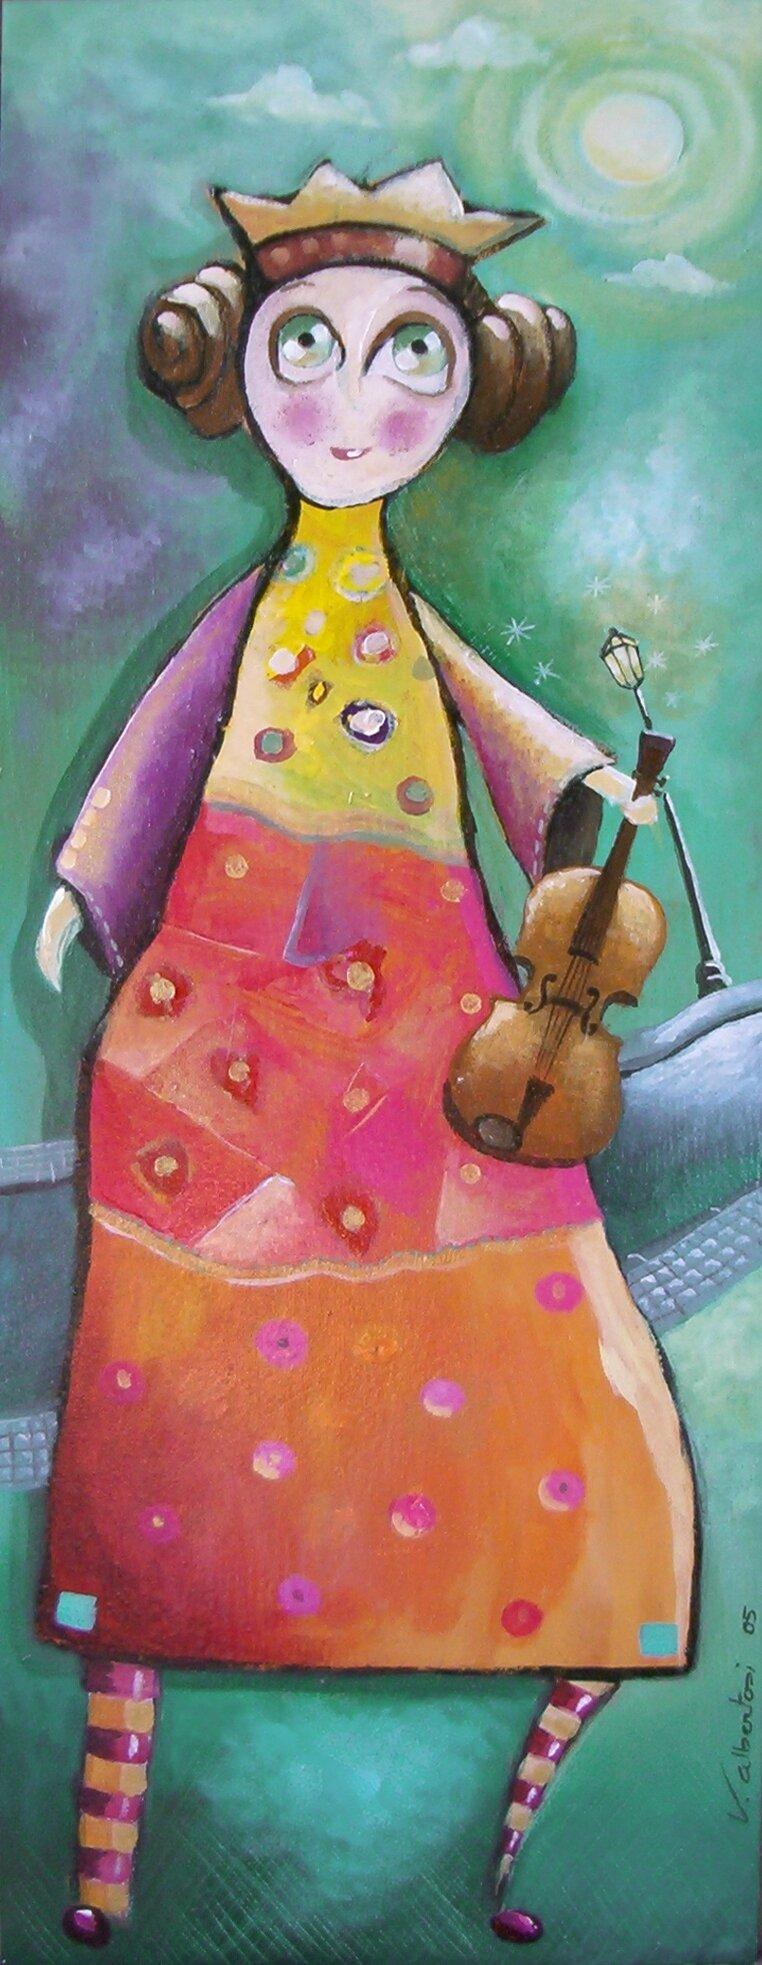 La princesse au violon